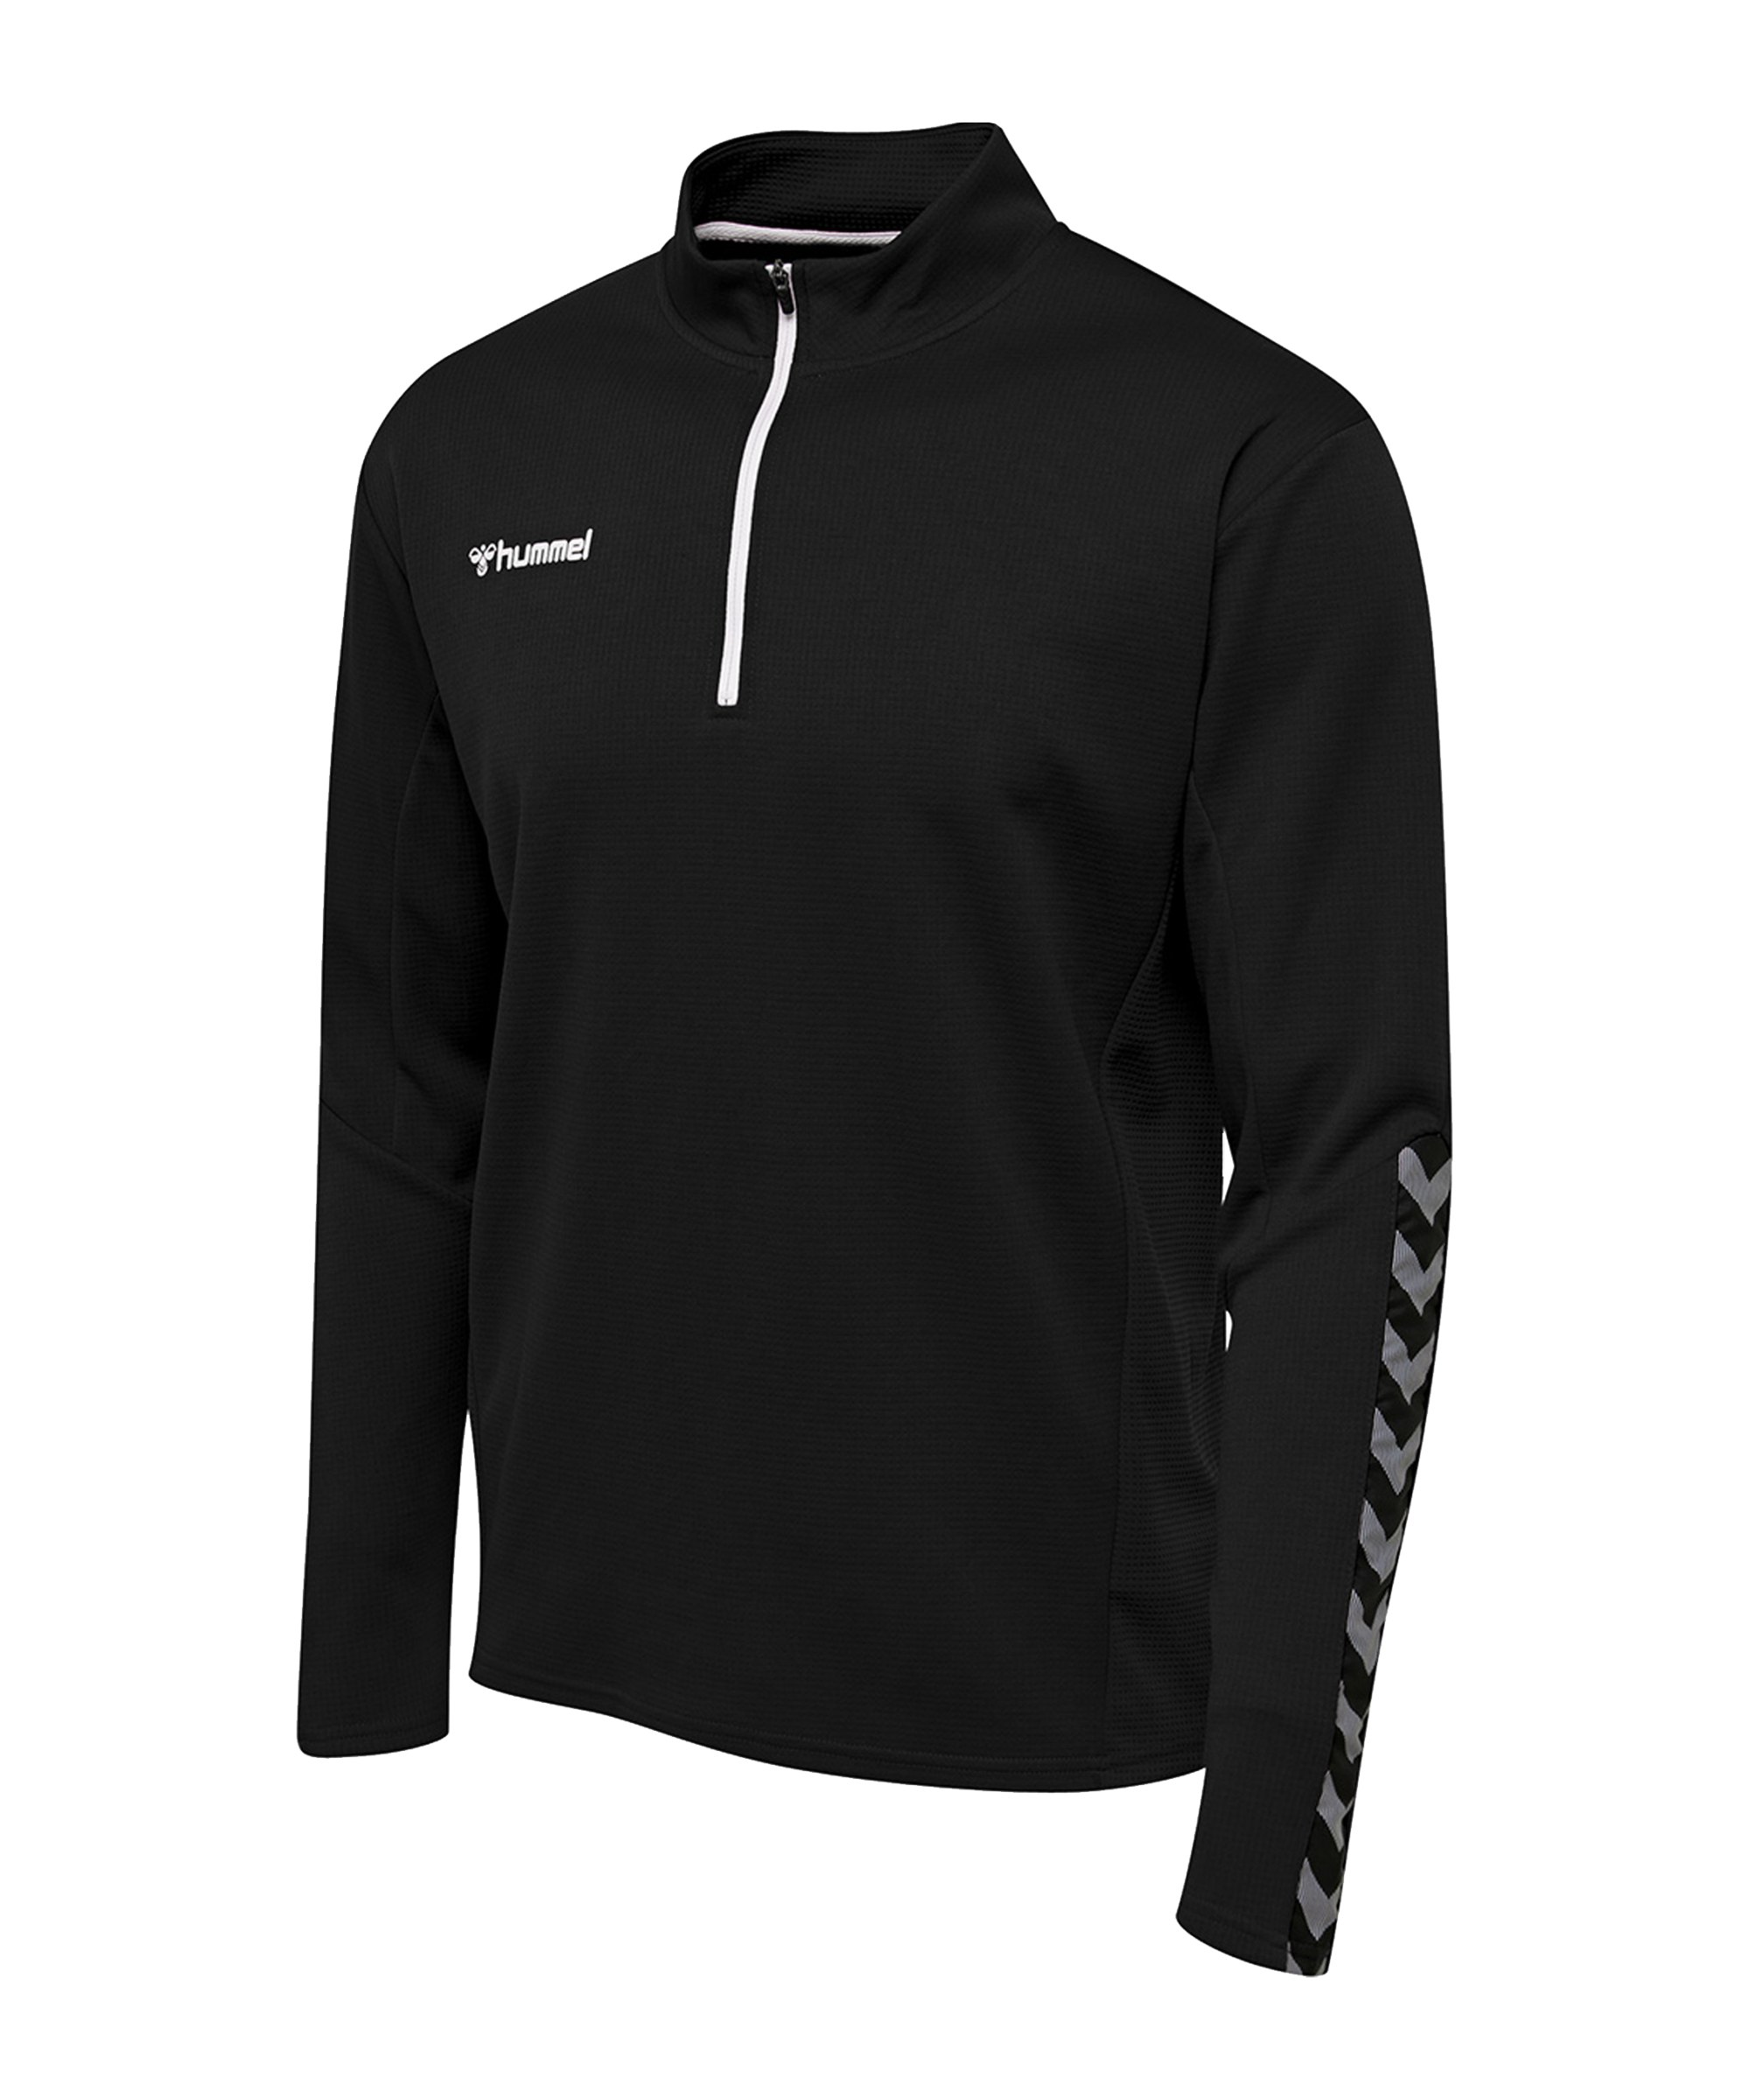 Hummel Authentic 1/2 Zip Sweatshirt Schwarz F2114 - schwarz